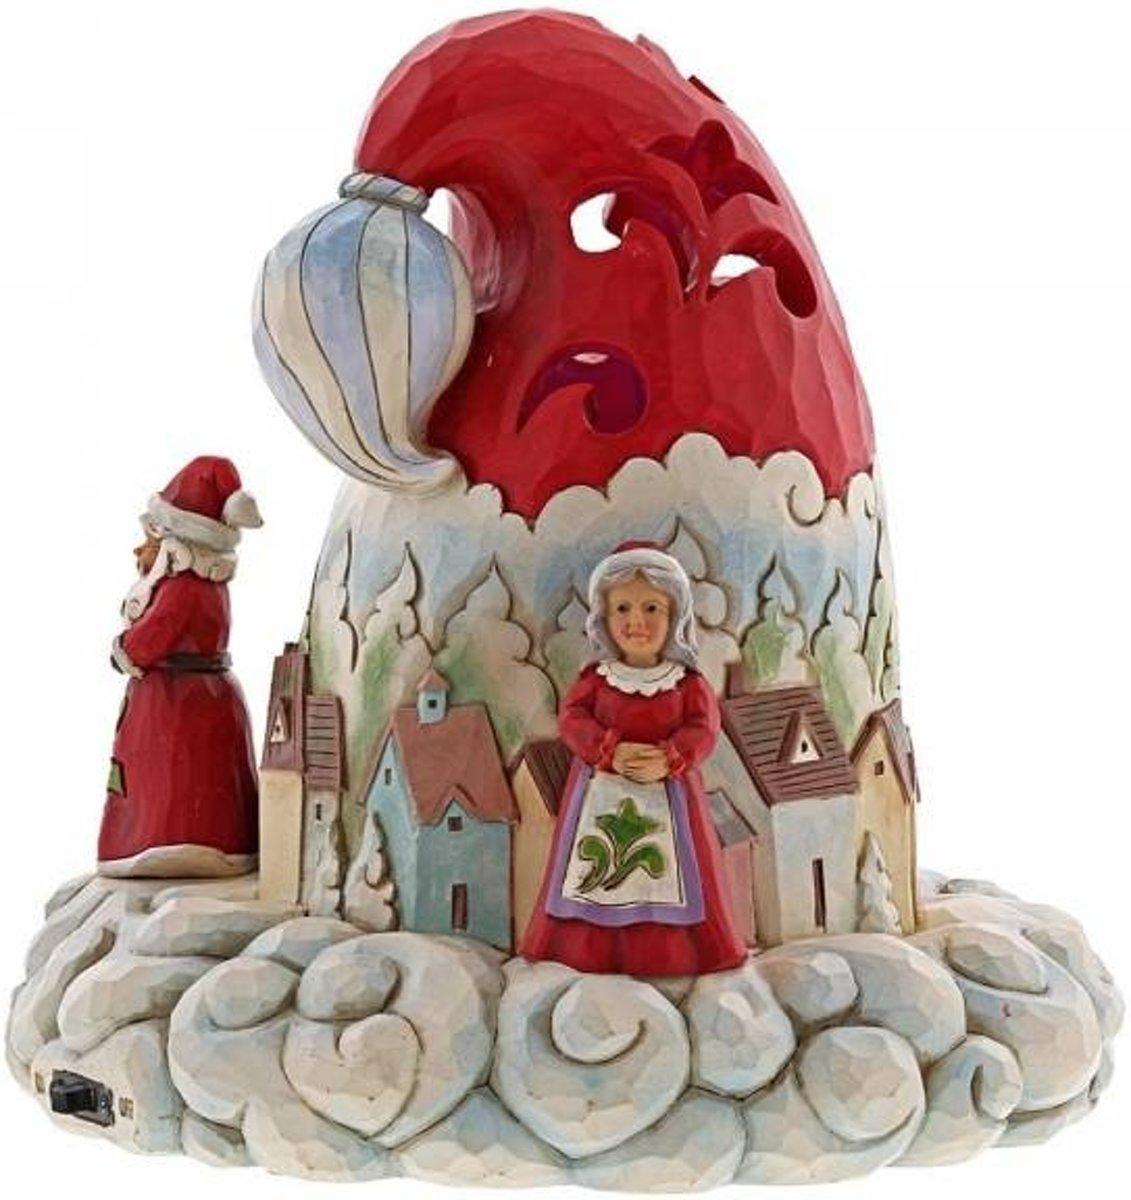 Jim Shore: Petje af voor kerstmagie (verlichte kerstmuts) Beelden & Figuren kopen